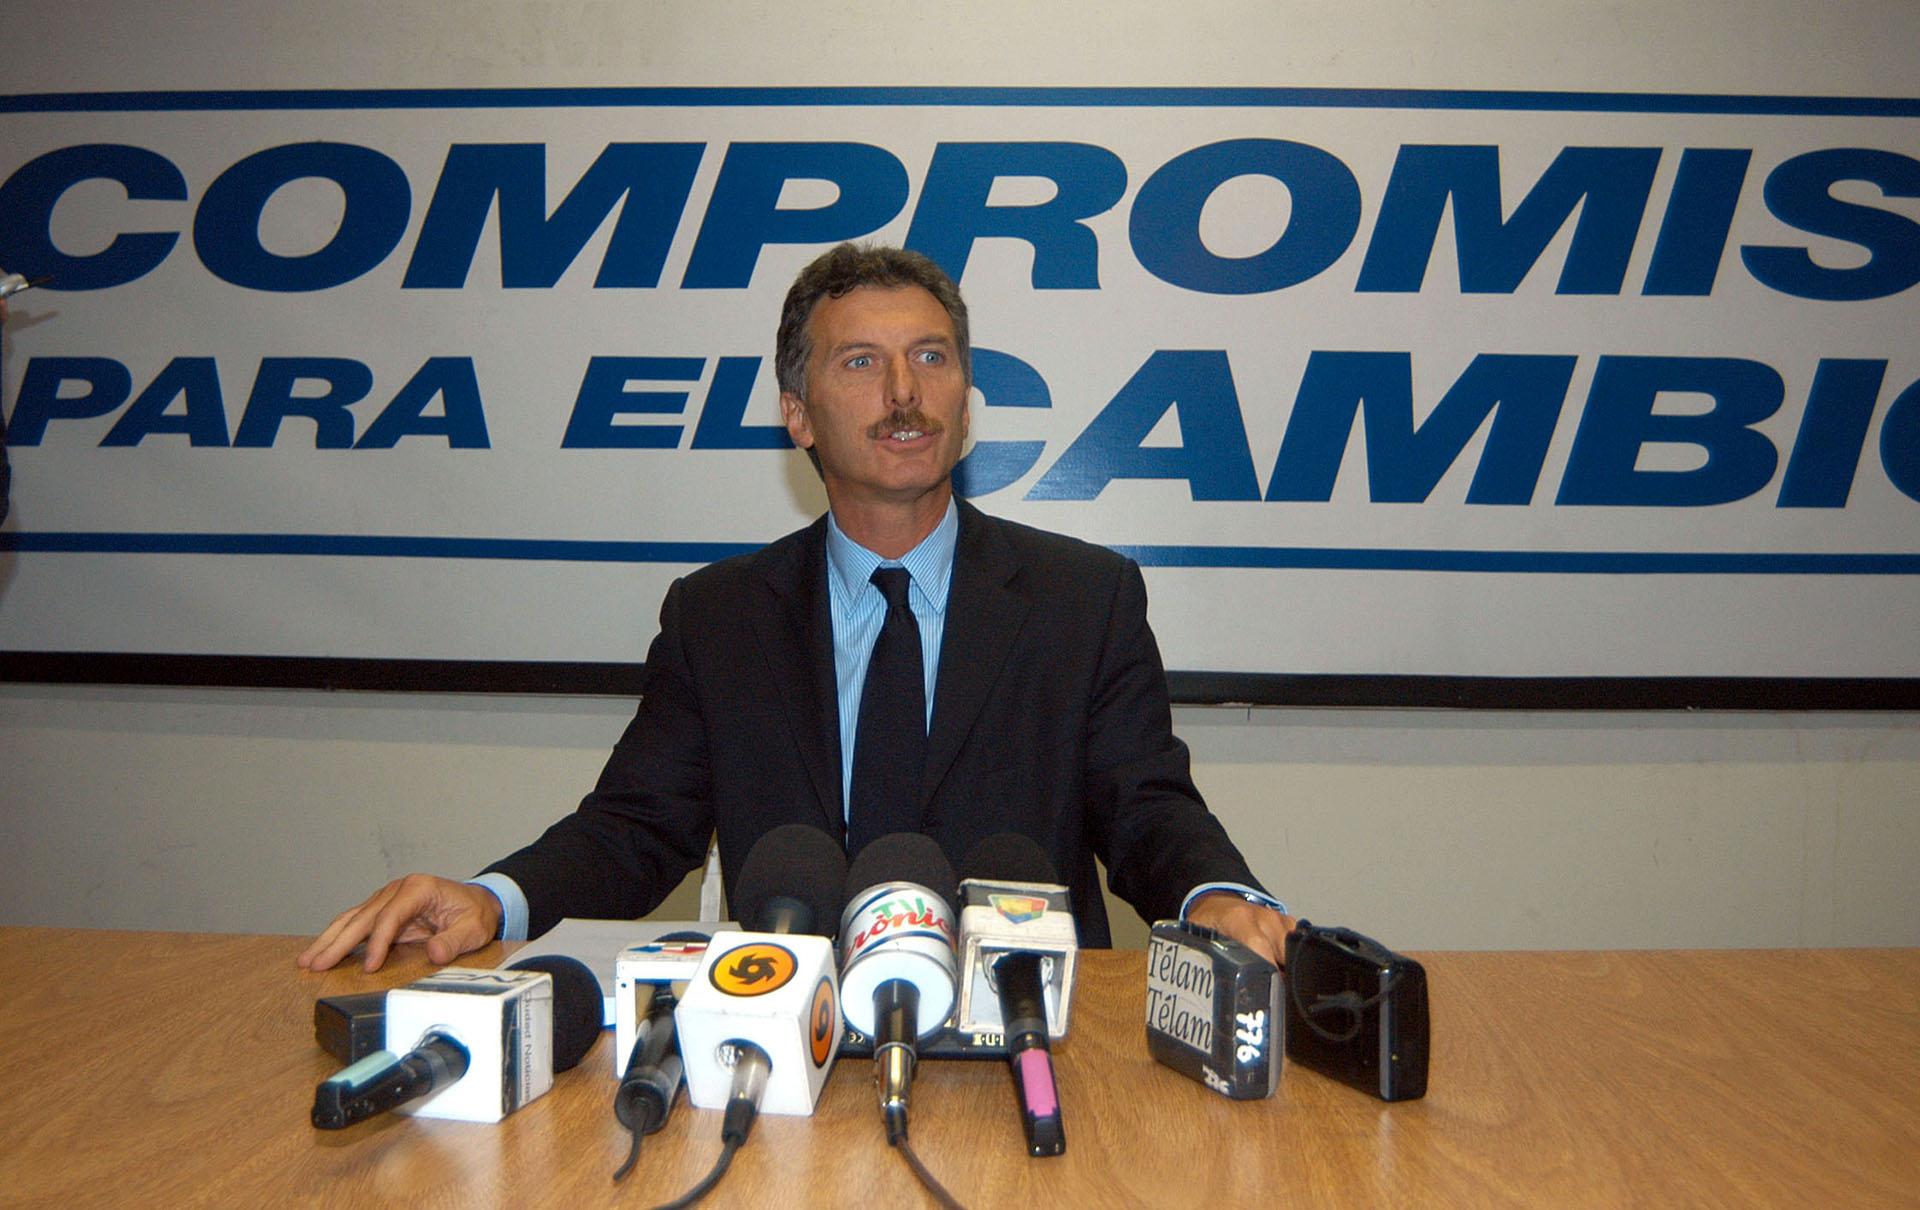 2005. En una conferencia de prensa llamada para expresar su rechazo al referendo impulsado por el jefe de Gobierno Aníbal Ibarra, el cual buscaba darle a los ciudadanos la posibilidad de decidir si debía continuar en su cargo.